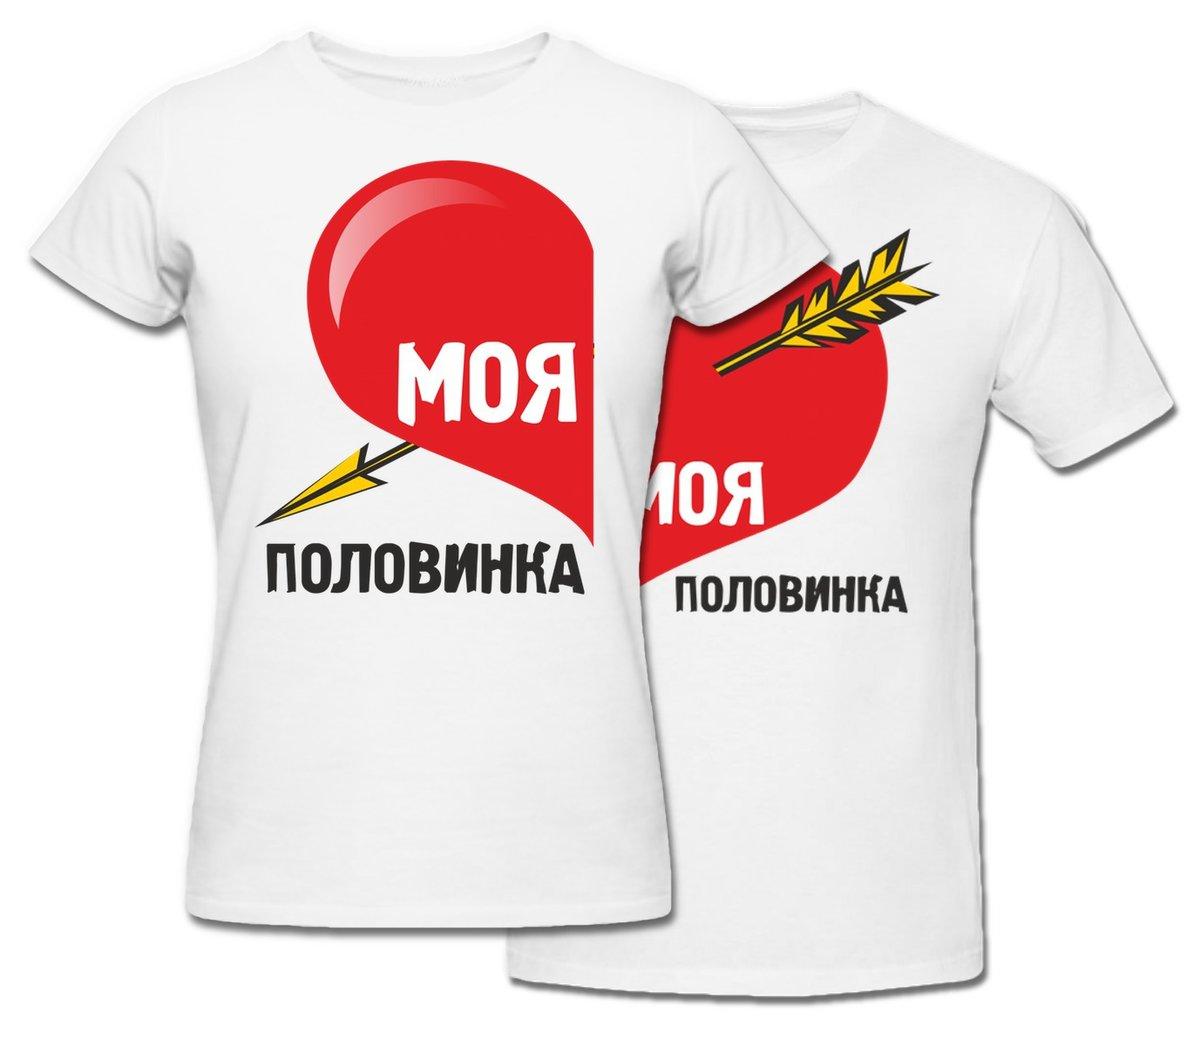 Болей смешная, прикольные футболки с картинками и надписями